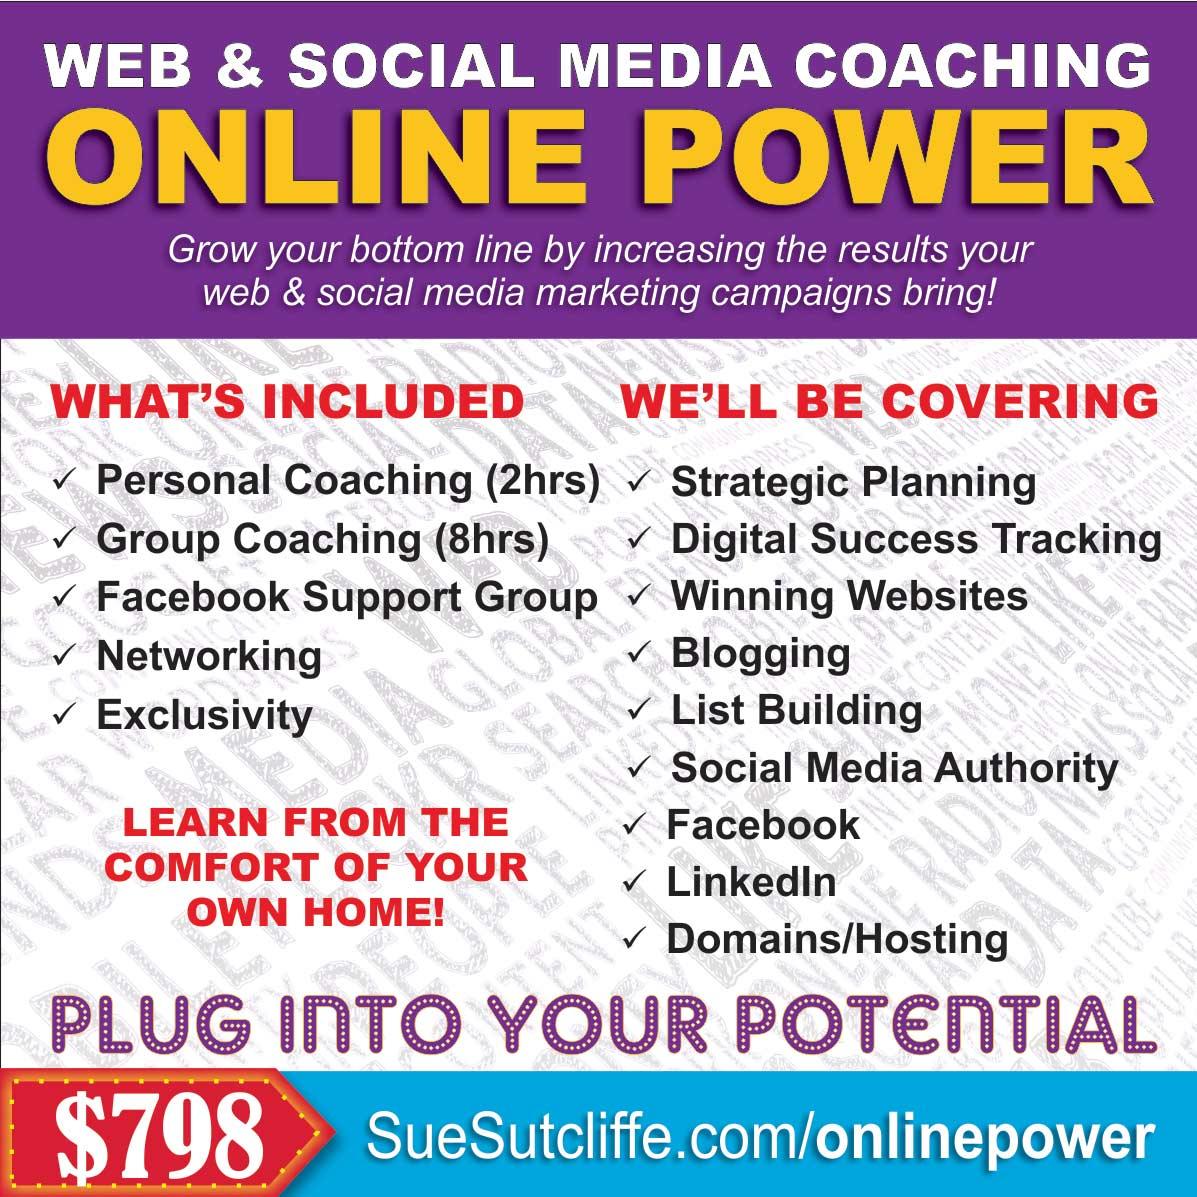 Online Power Coaching